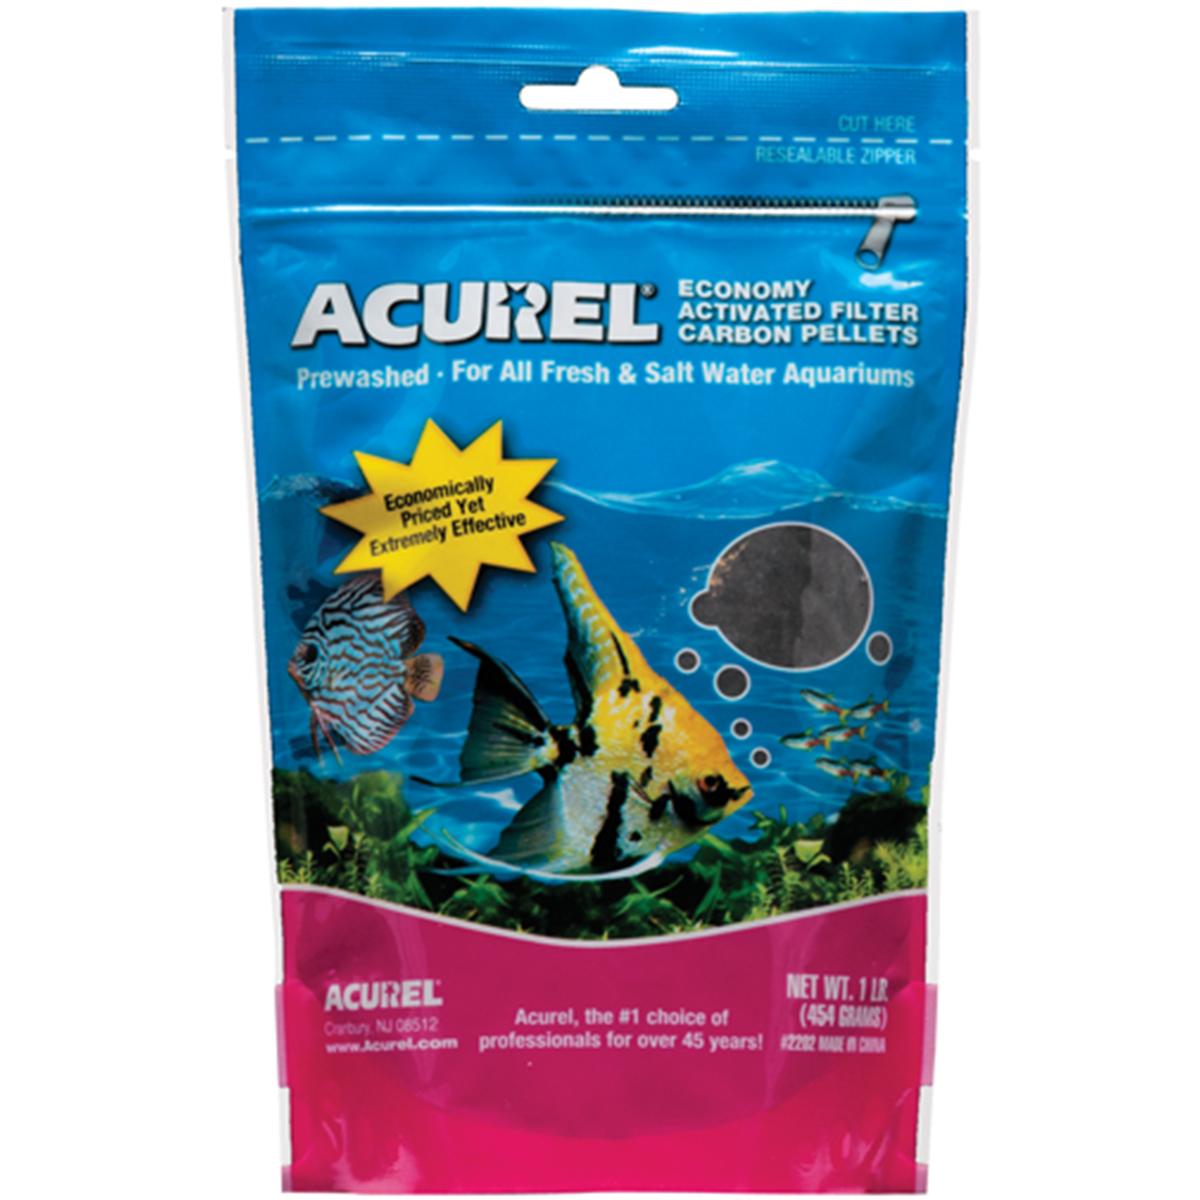 Acurel Economy Activated Filter Carbon Pellets For Fish Aquarium